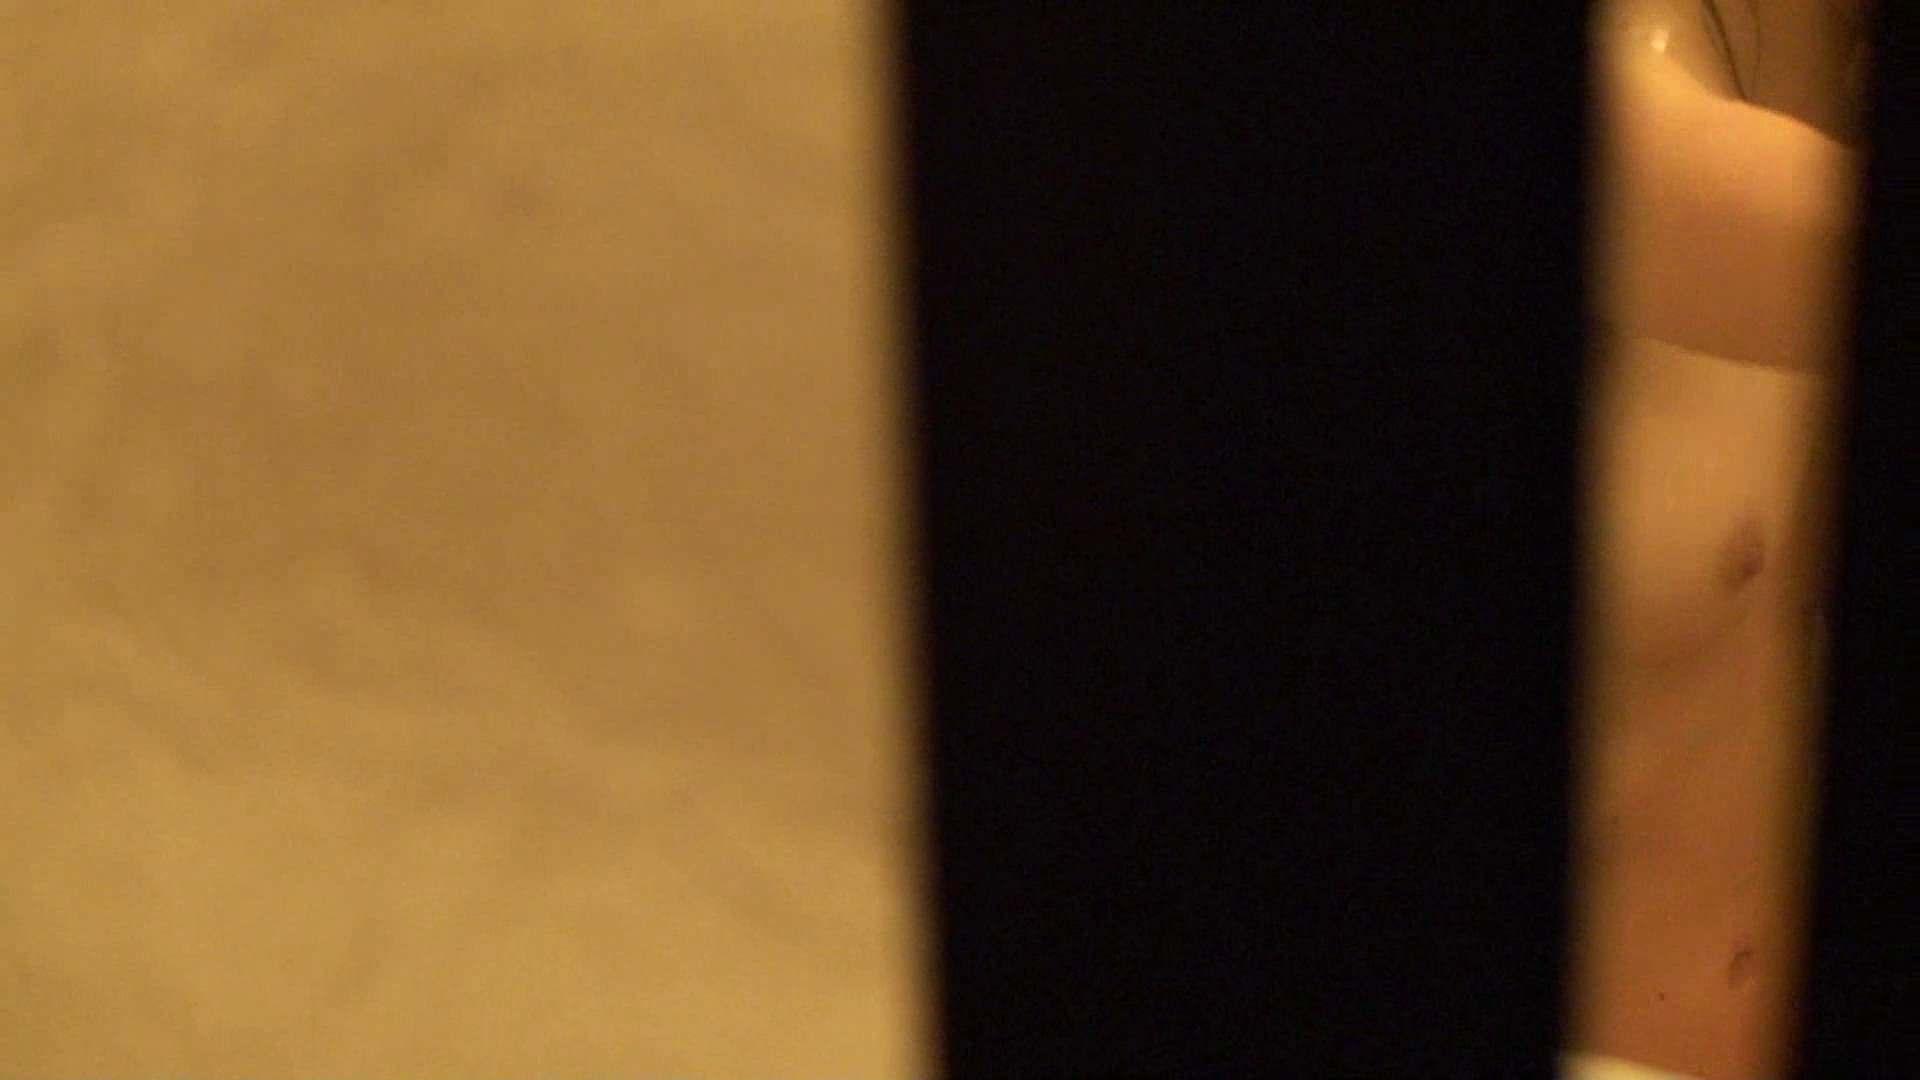 vol.02超可愛すぎる彼女の裸体をハイビジョンで!至近距離での眺め最高! 盗撮 AV動画キャプチャ 103pic 63